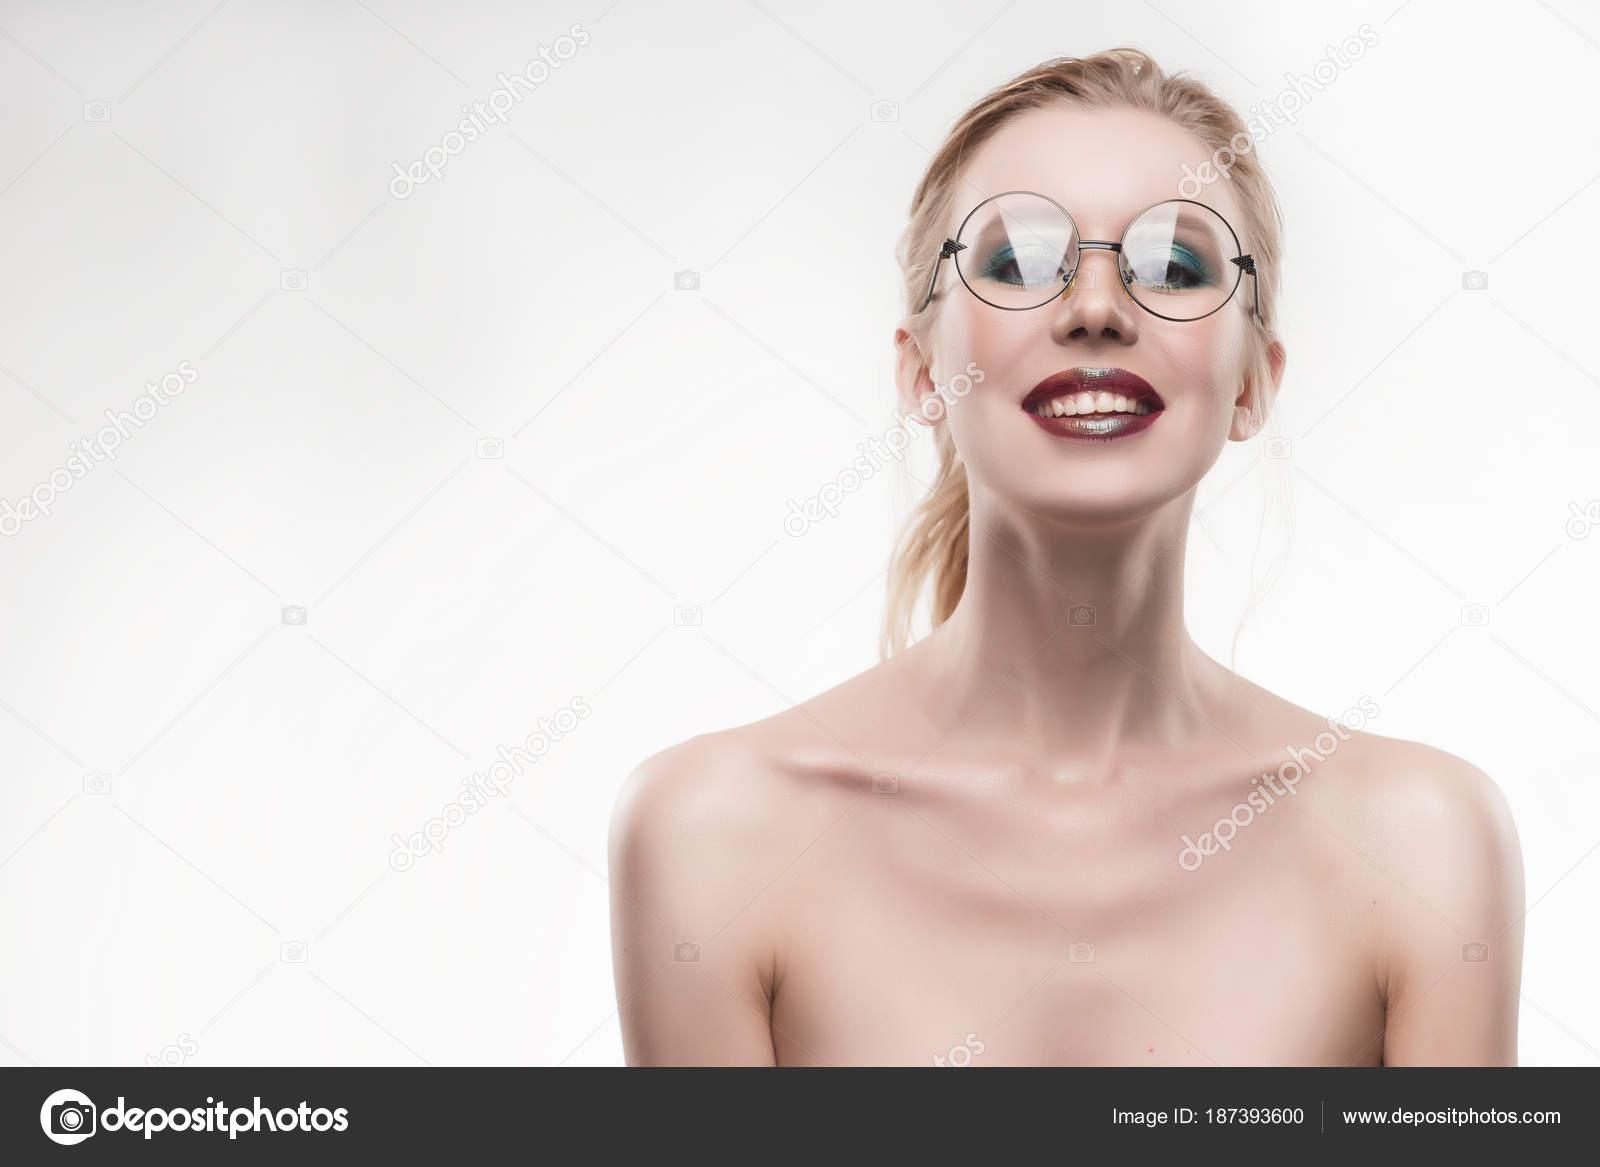 γυμνό γύρος Φωτογραφίες του μαύρου λεία